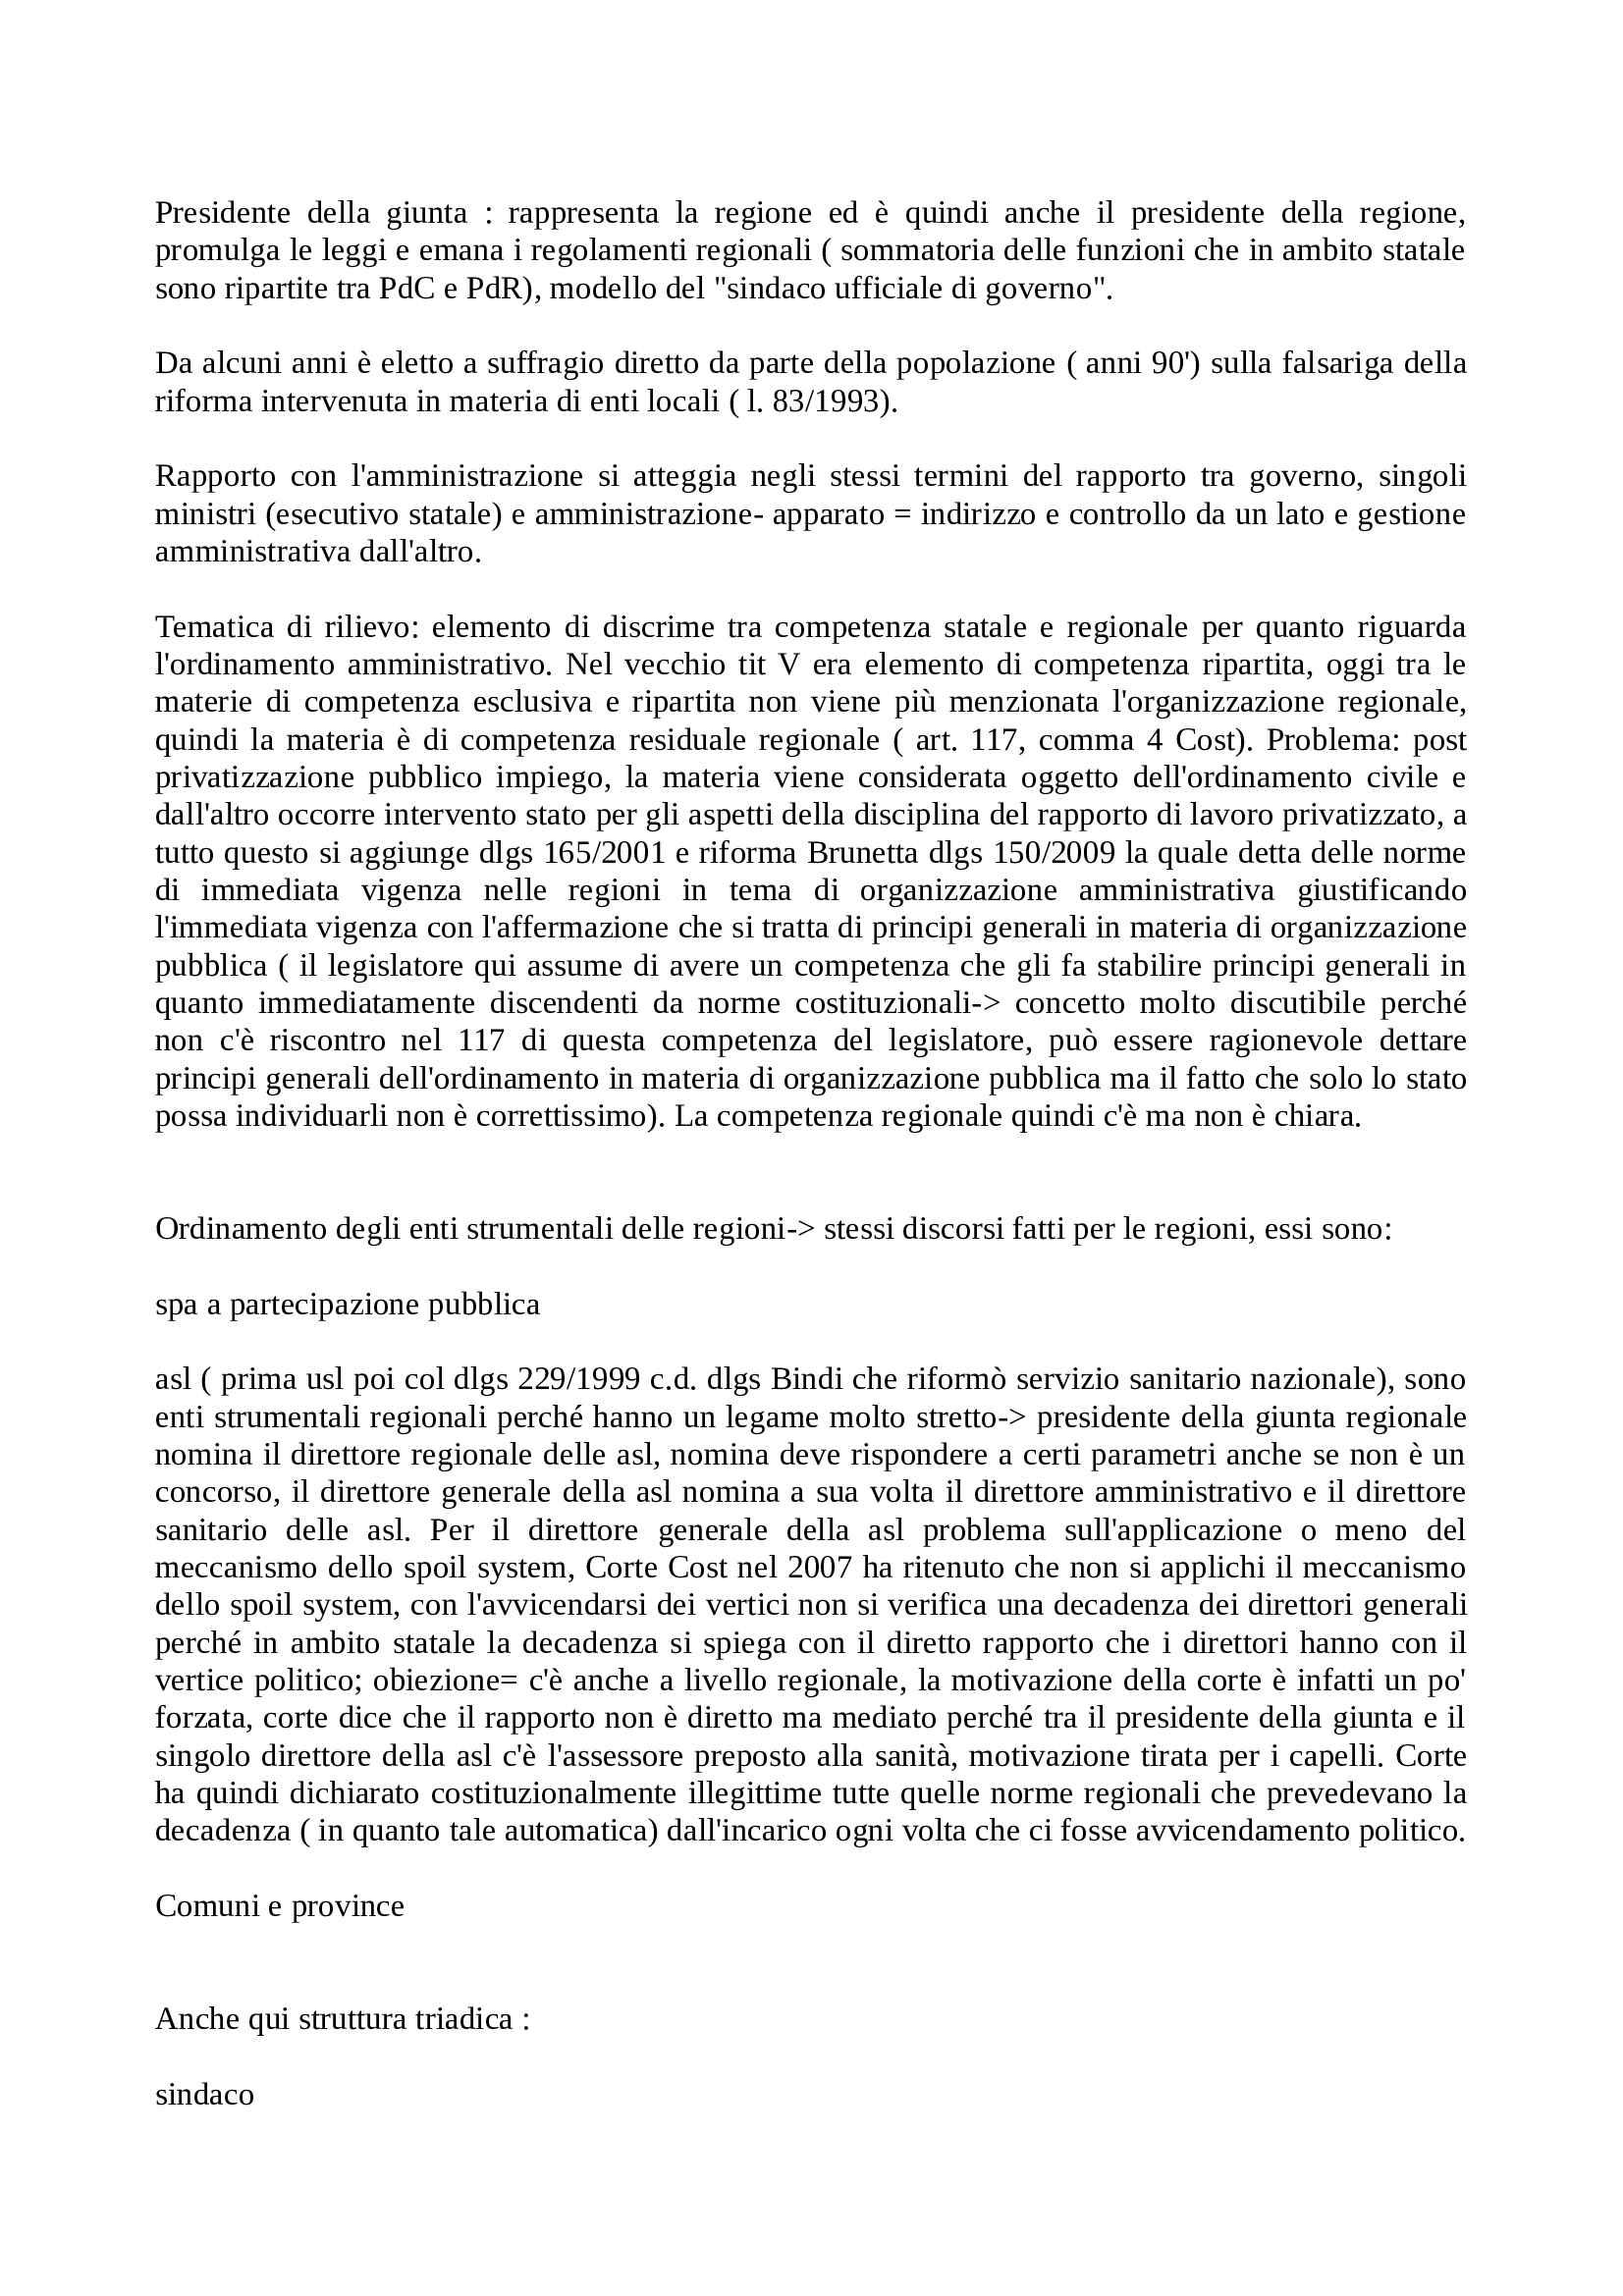 Diritto amministrativo - Appunti Pag. 41